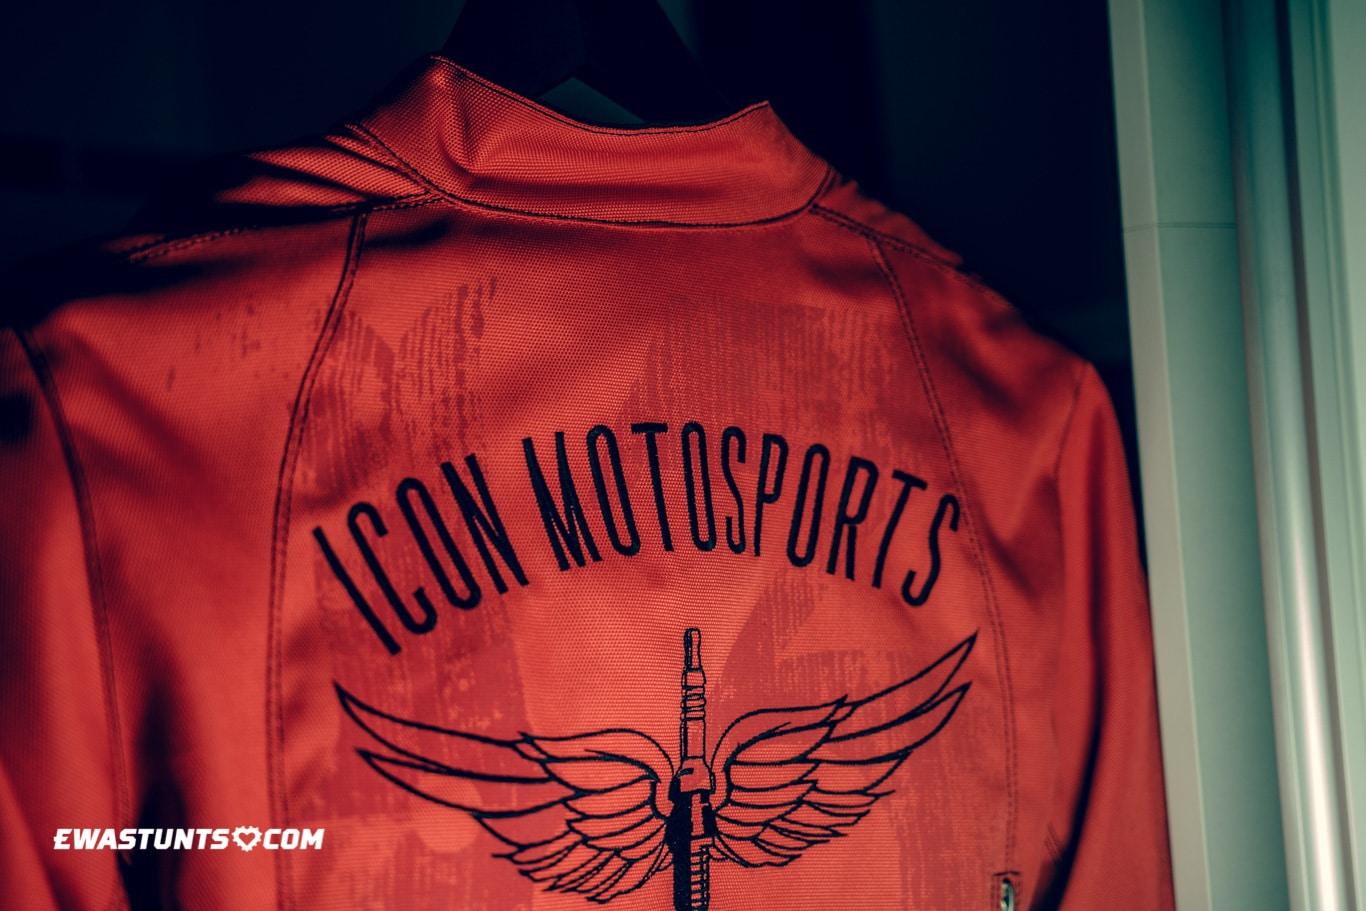 ewastunts_icon_jacket-14